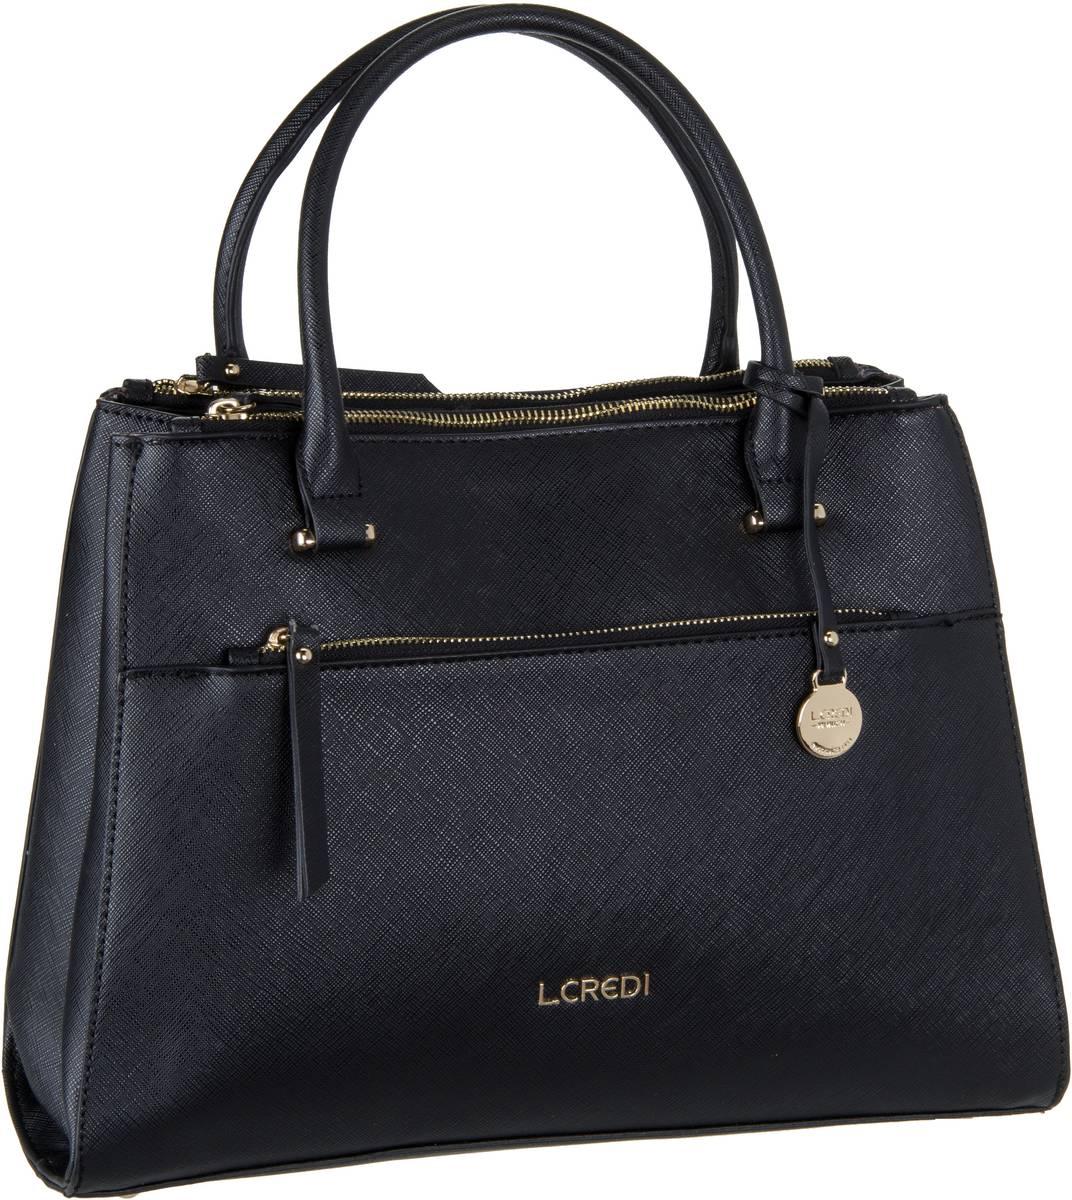 Handtaschen für Frauen - L.Credi Alba 7082 Schwarz Handtasche  - Onlineshop Taschenkaufhaus